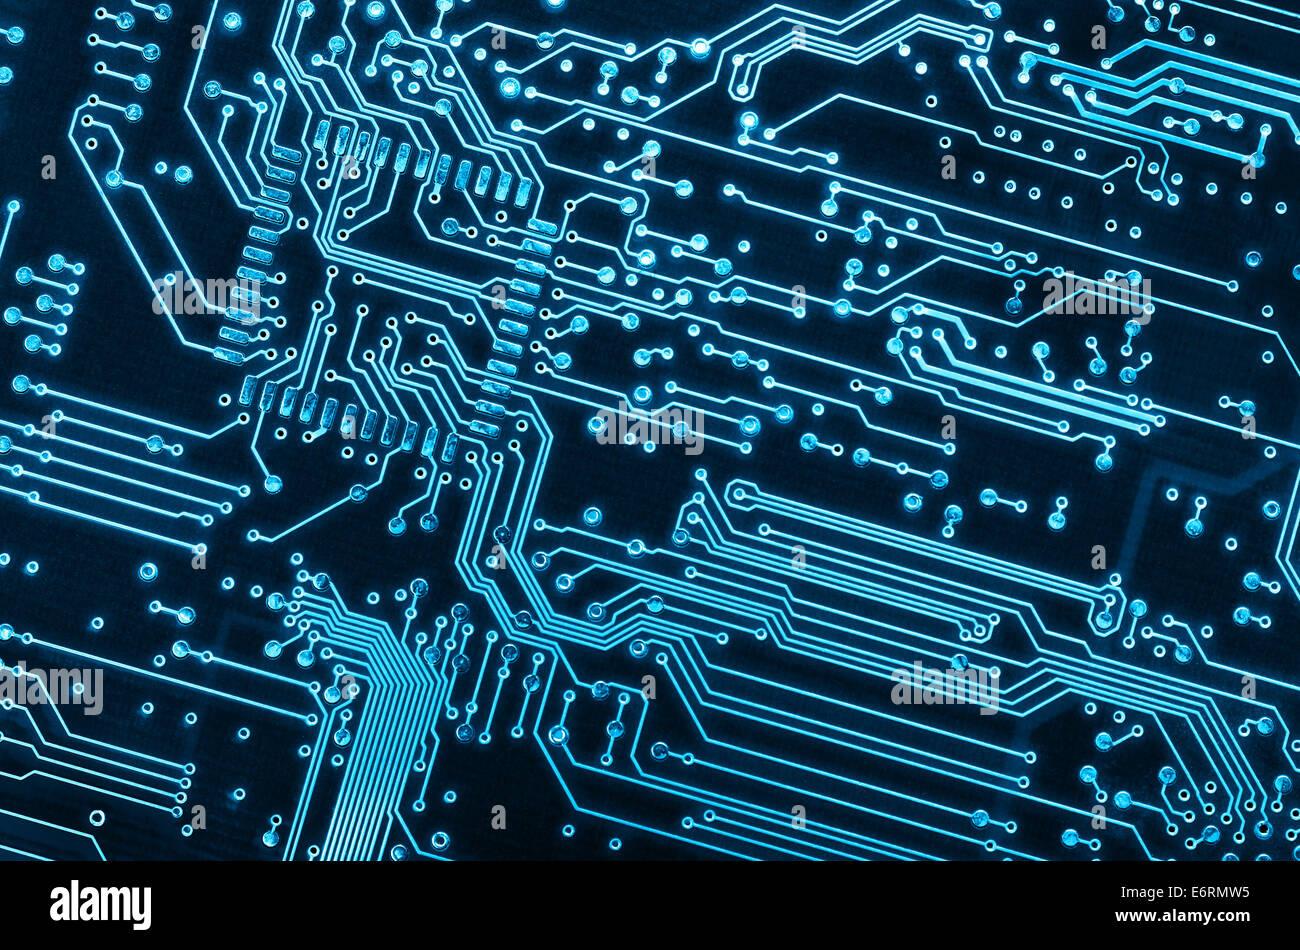 Circuito Eletronico : Close up de fundo de uma placa de circuito eletrônico azul foto